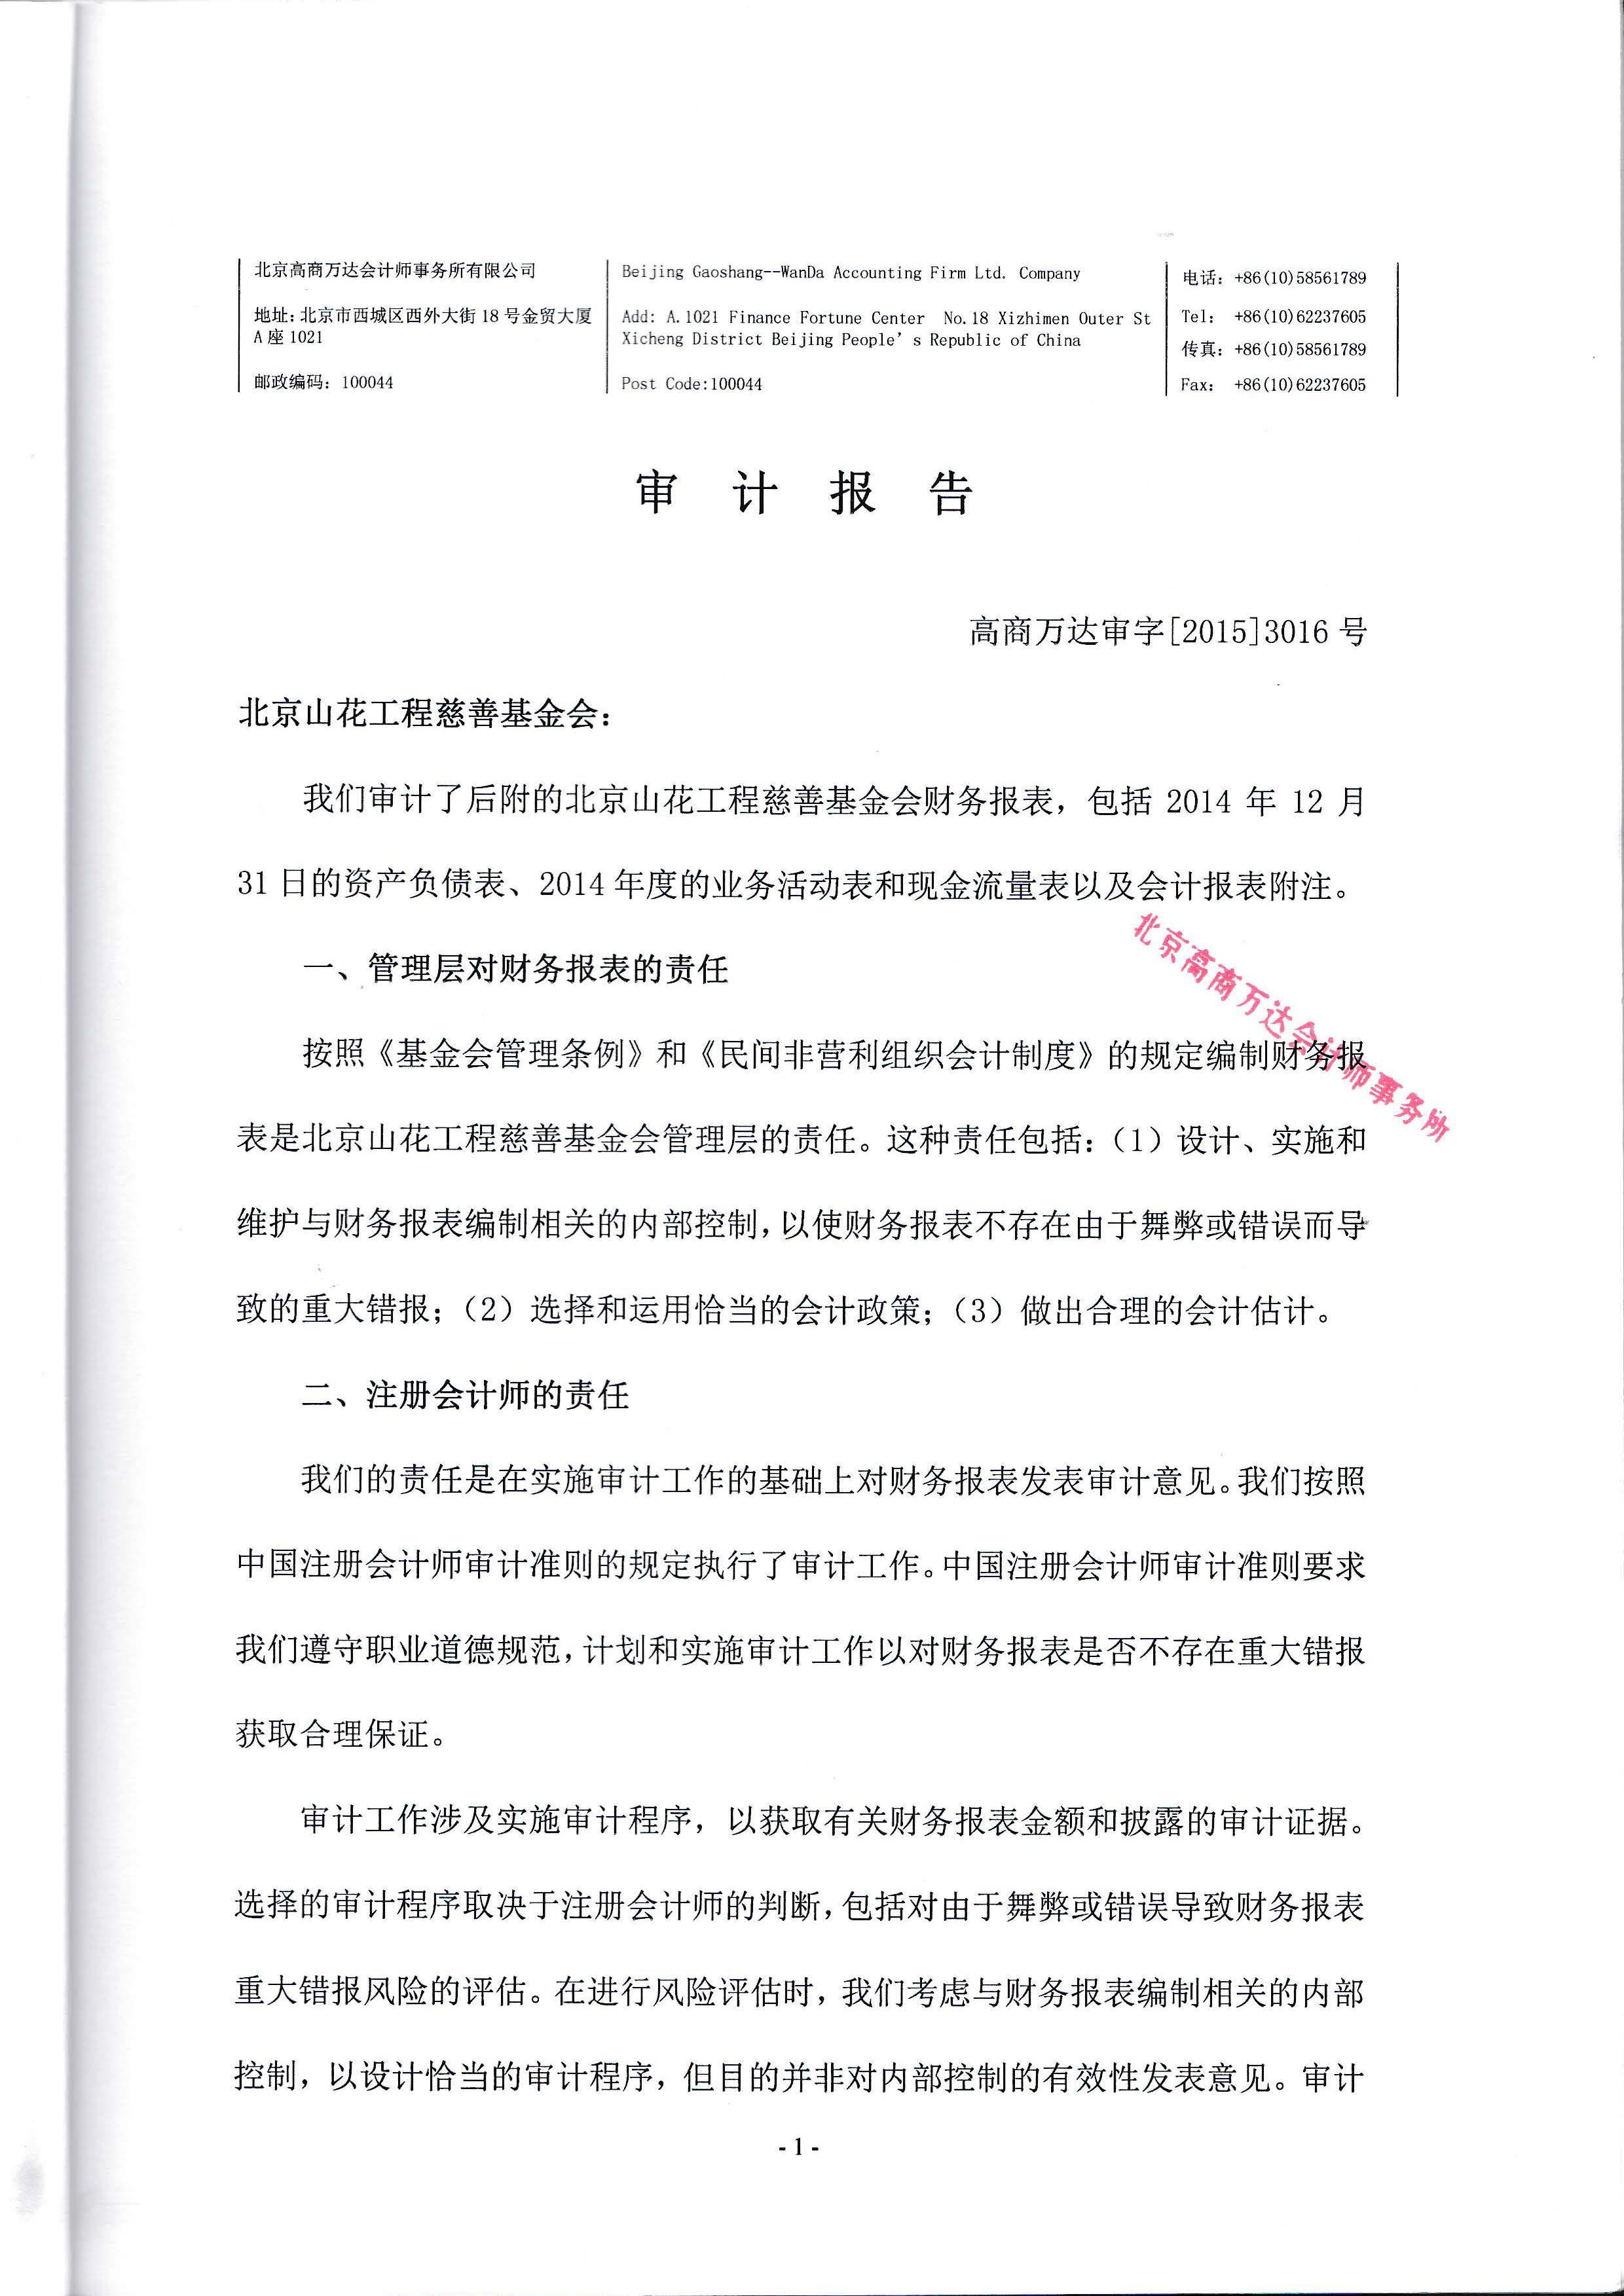 2014年审计报告_页面_03